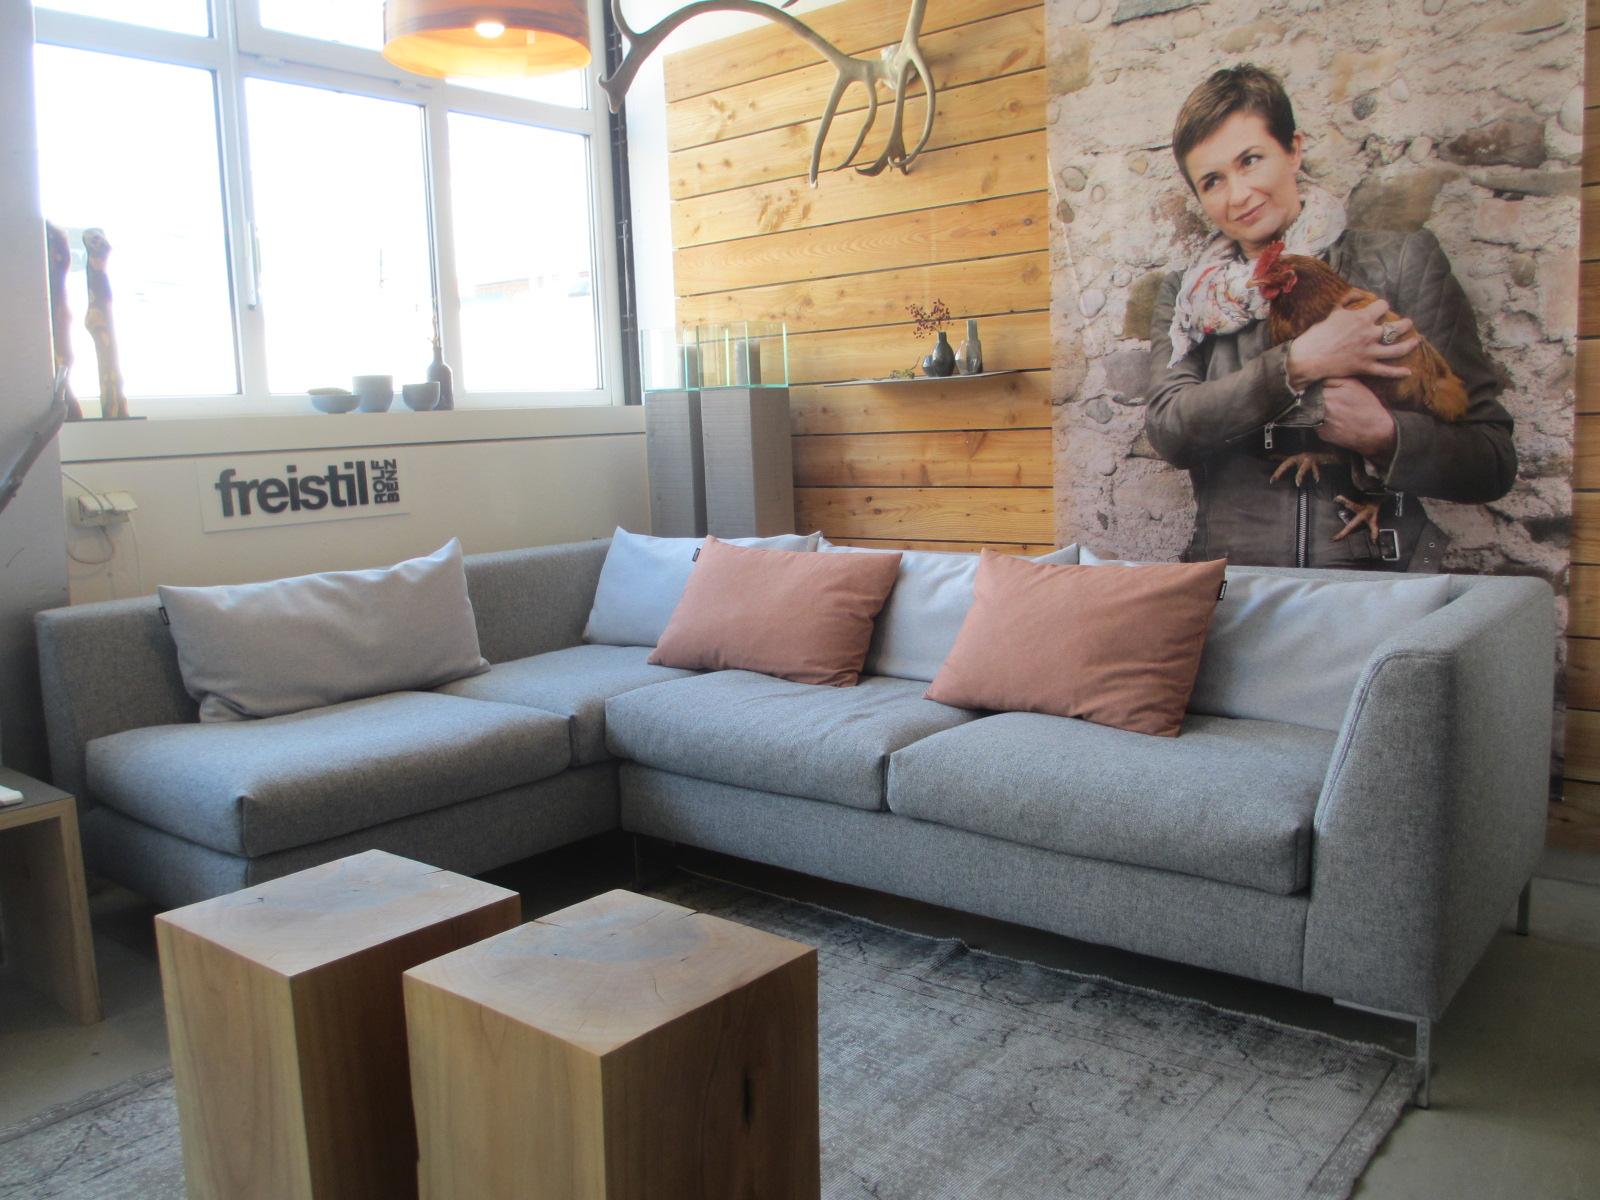 aktueller abverkauf freistil rolf benz ausstellungsm bel tischlerei sch ning. Black Bedroom Furniture Sets. Home Design Ideas